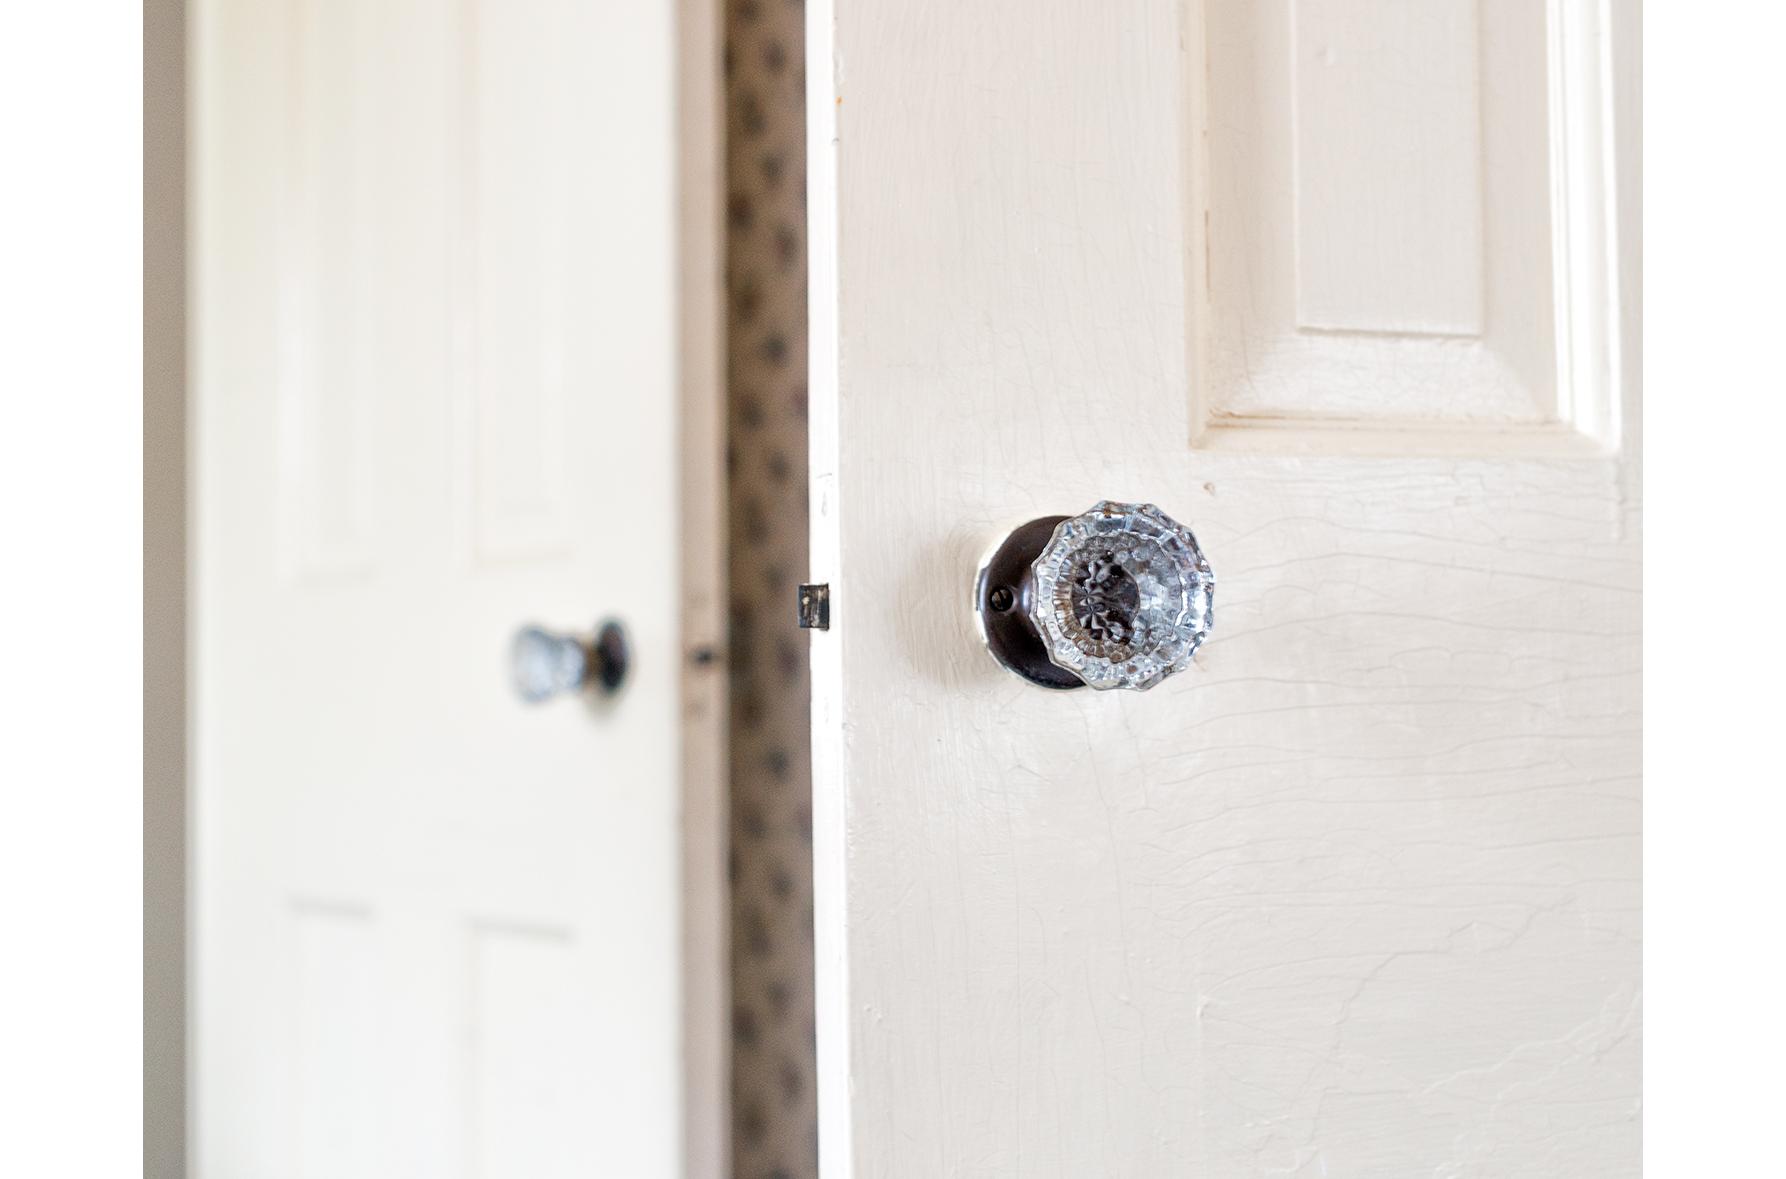 015_CC Doorknob